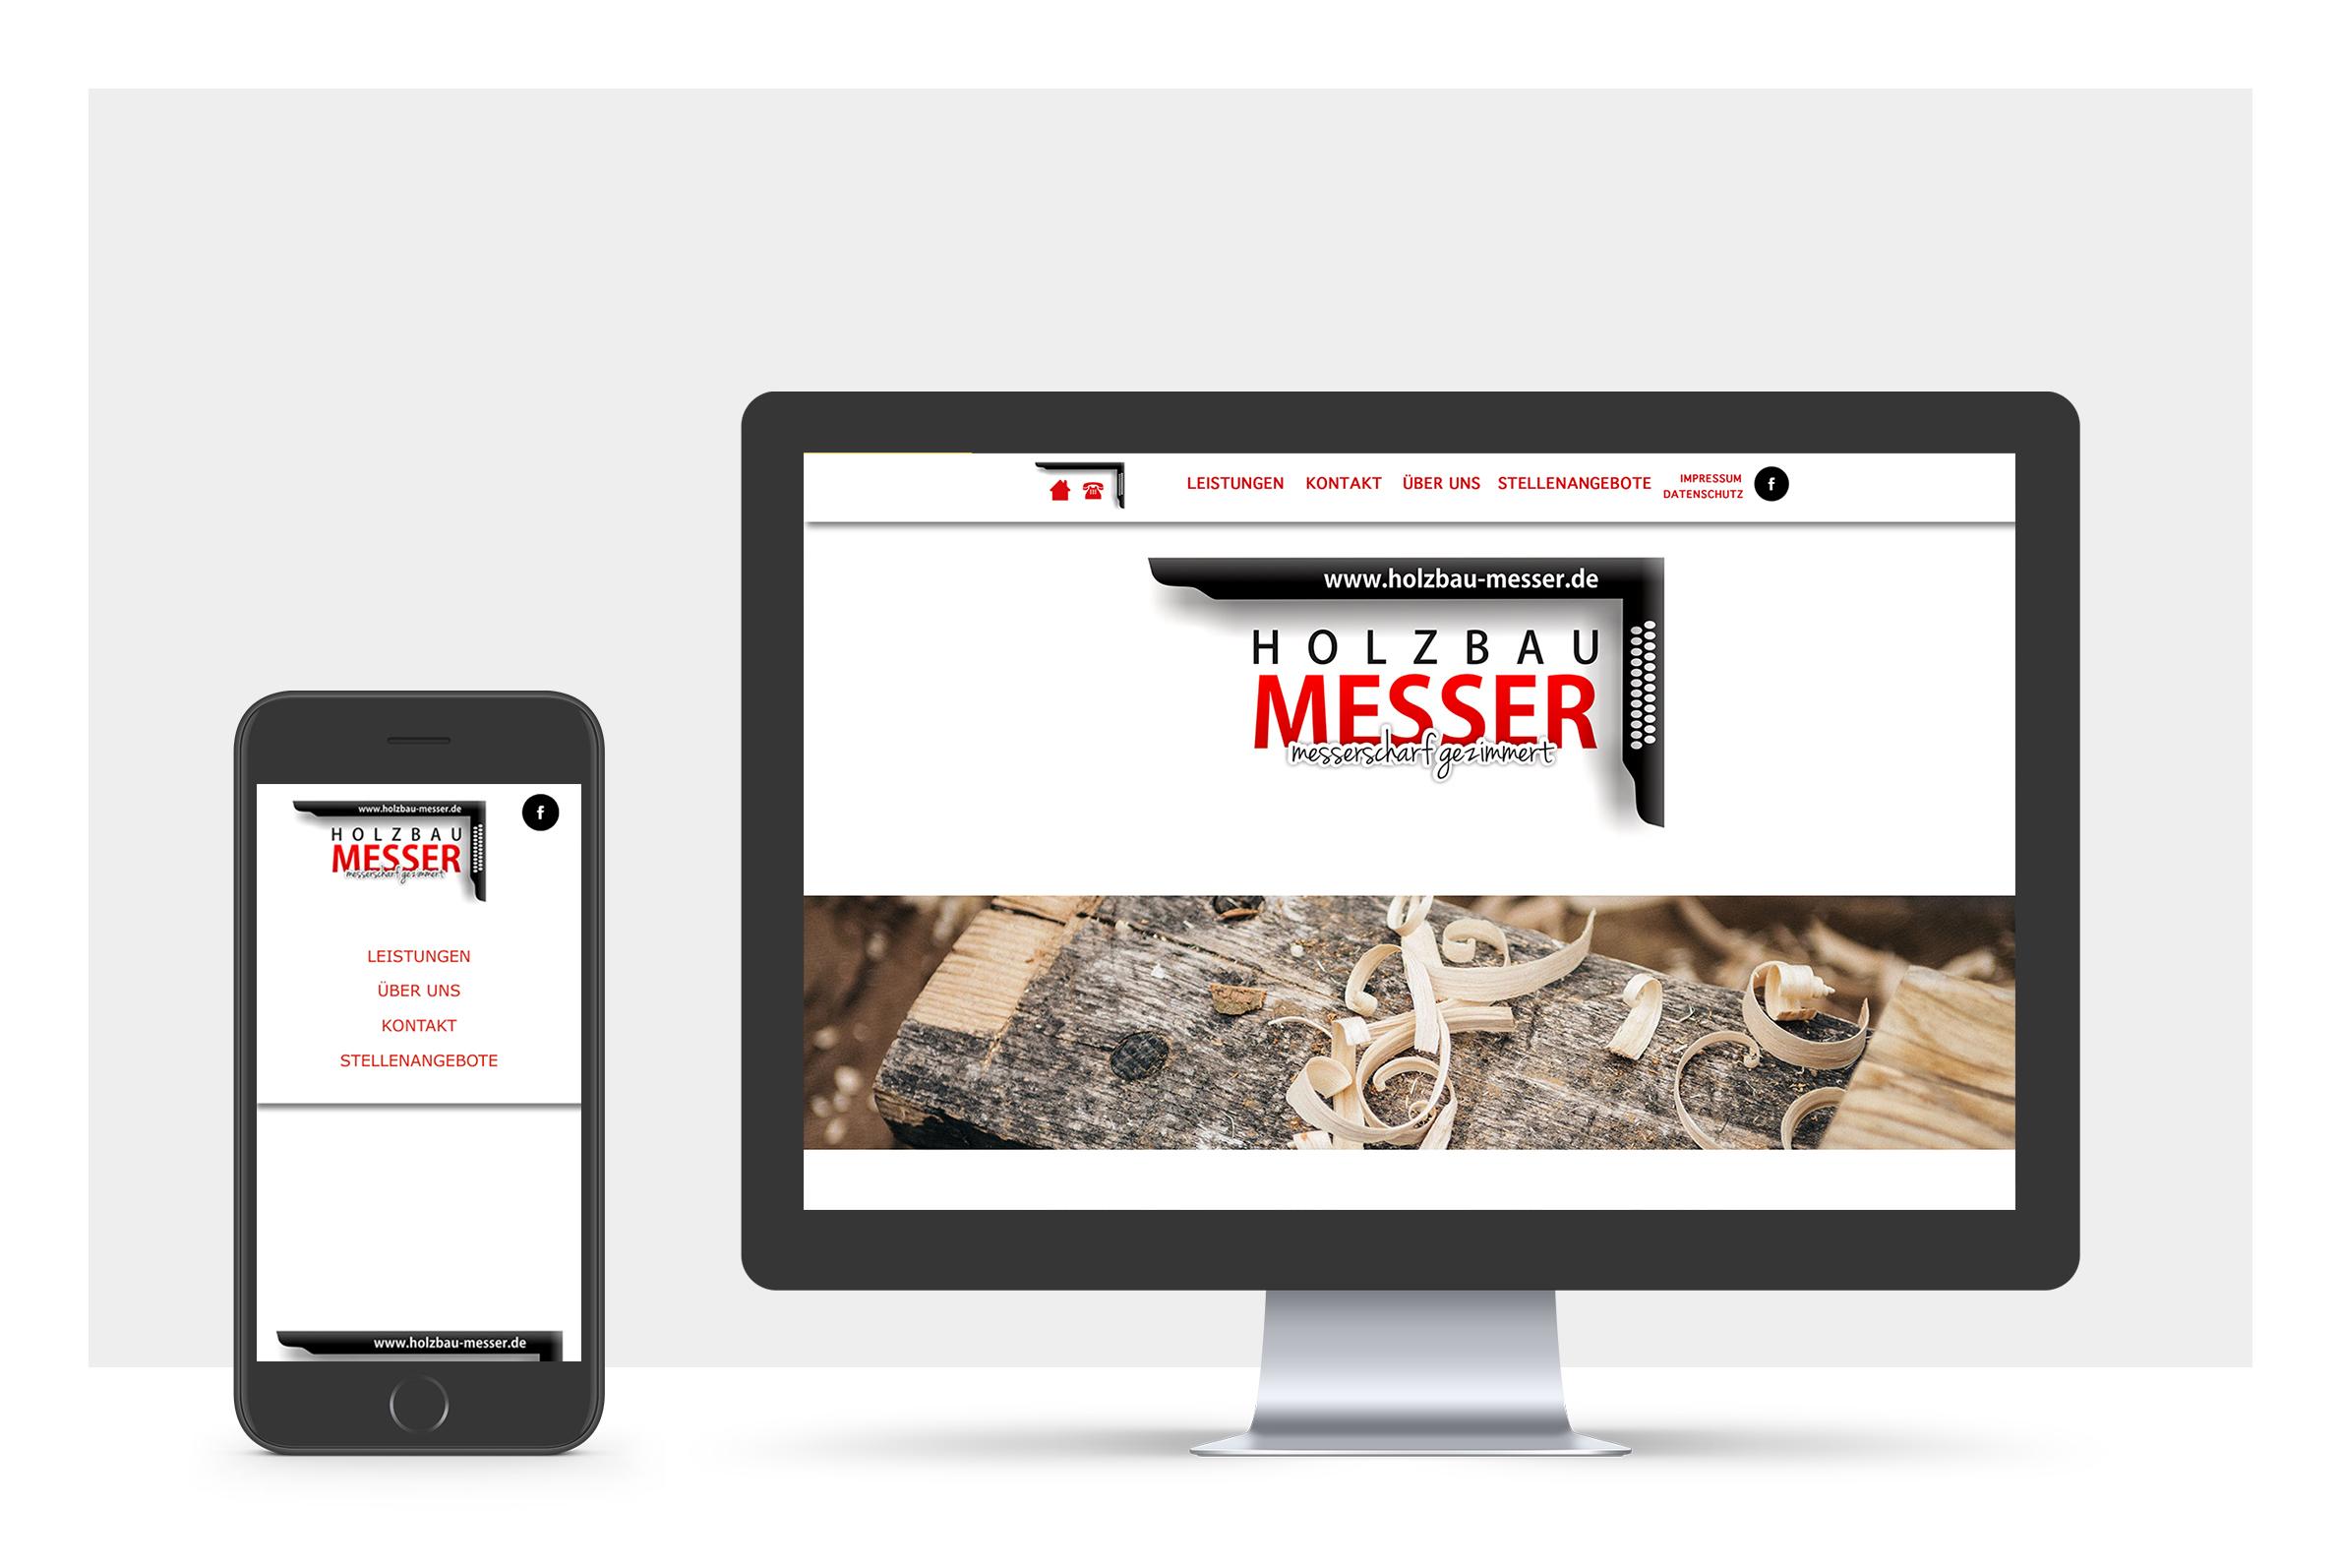 Foto Webitedesign auf Handy und PC